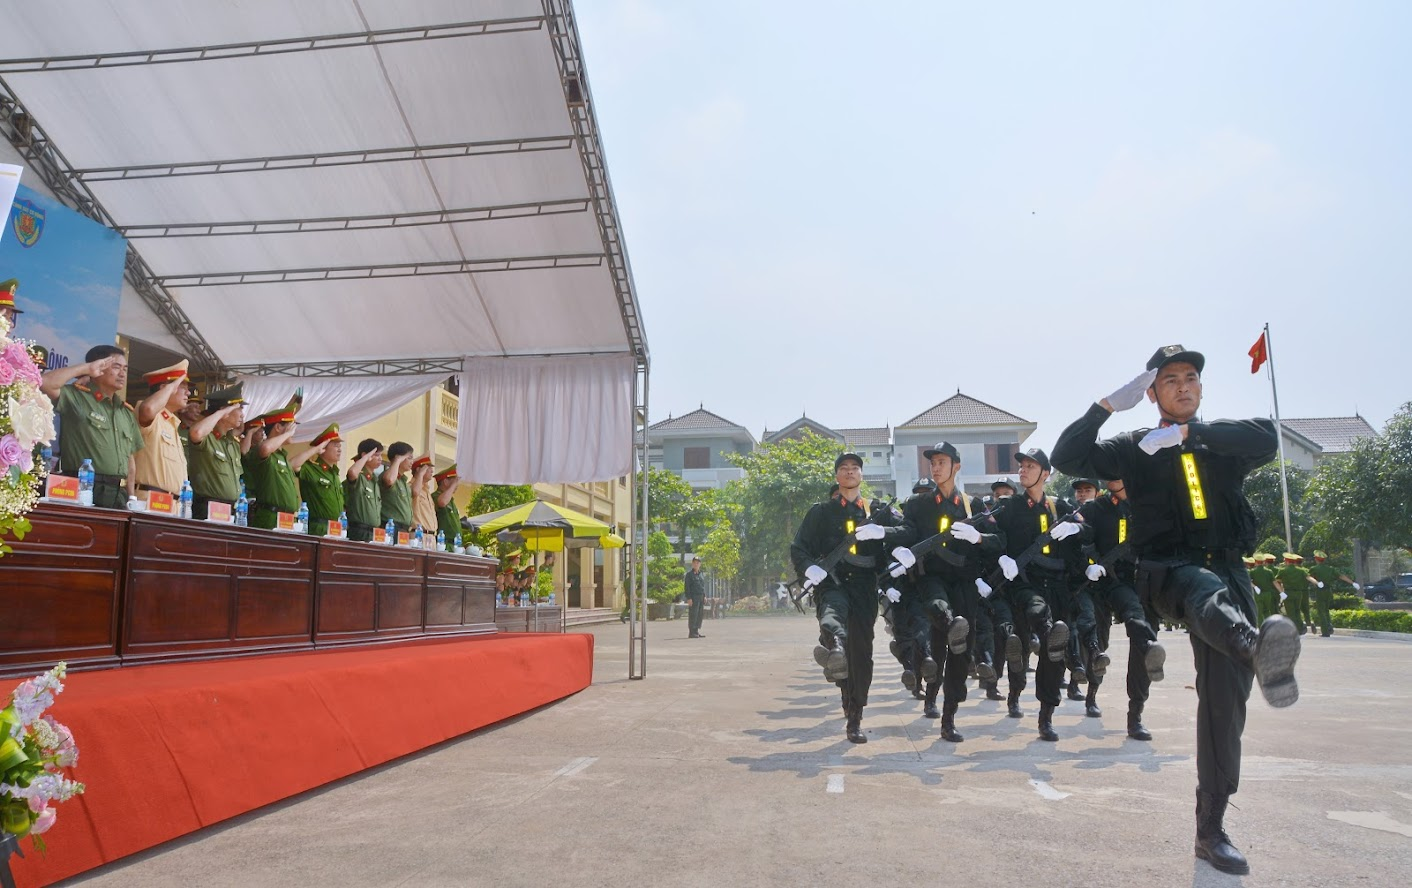 Lực lượng CSCĐ thường xuyên luyện tập kỹ, chiến thuật, sẵn sàng đáp ứng yêu cầu nhiệm vụ trong tình hình mới